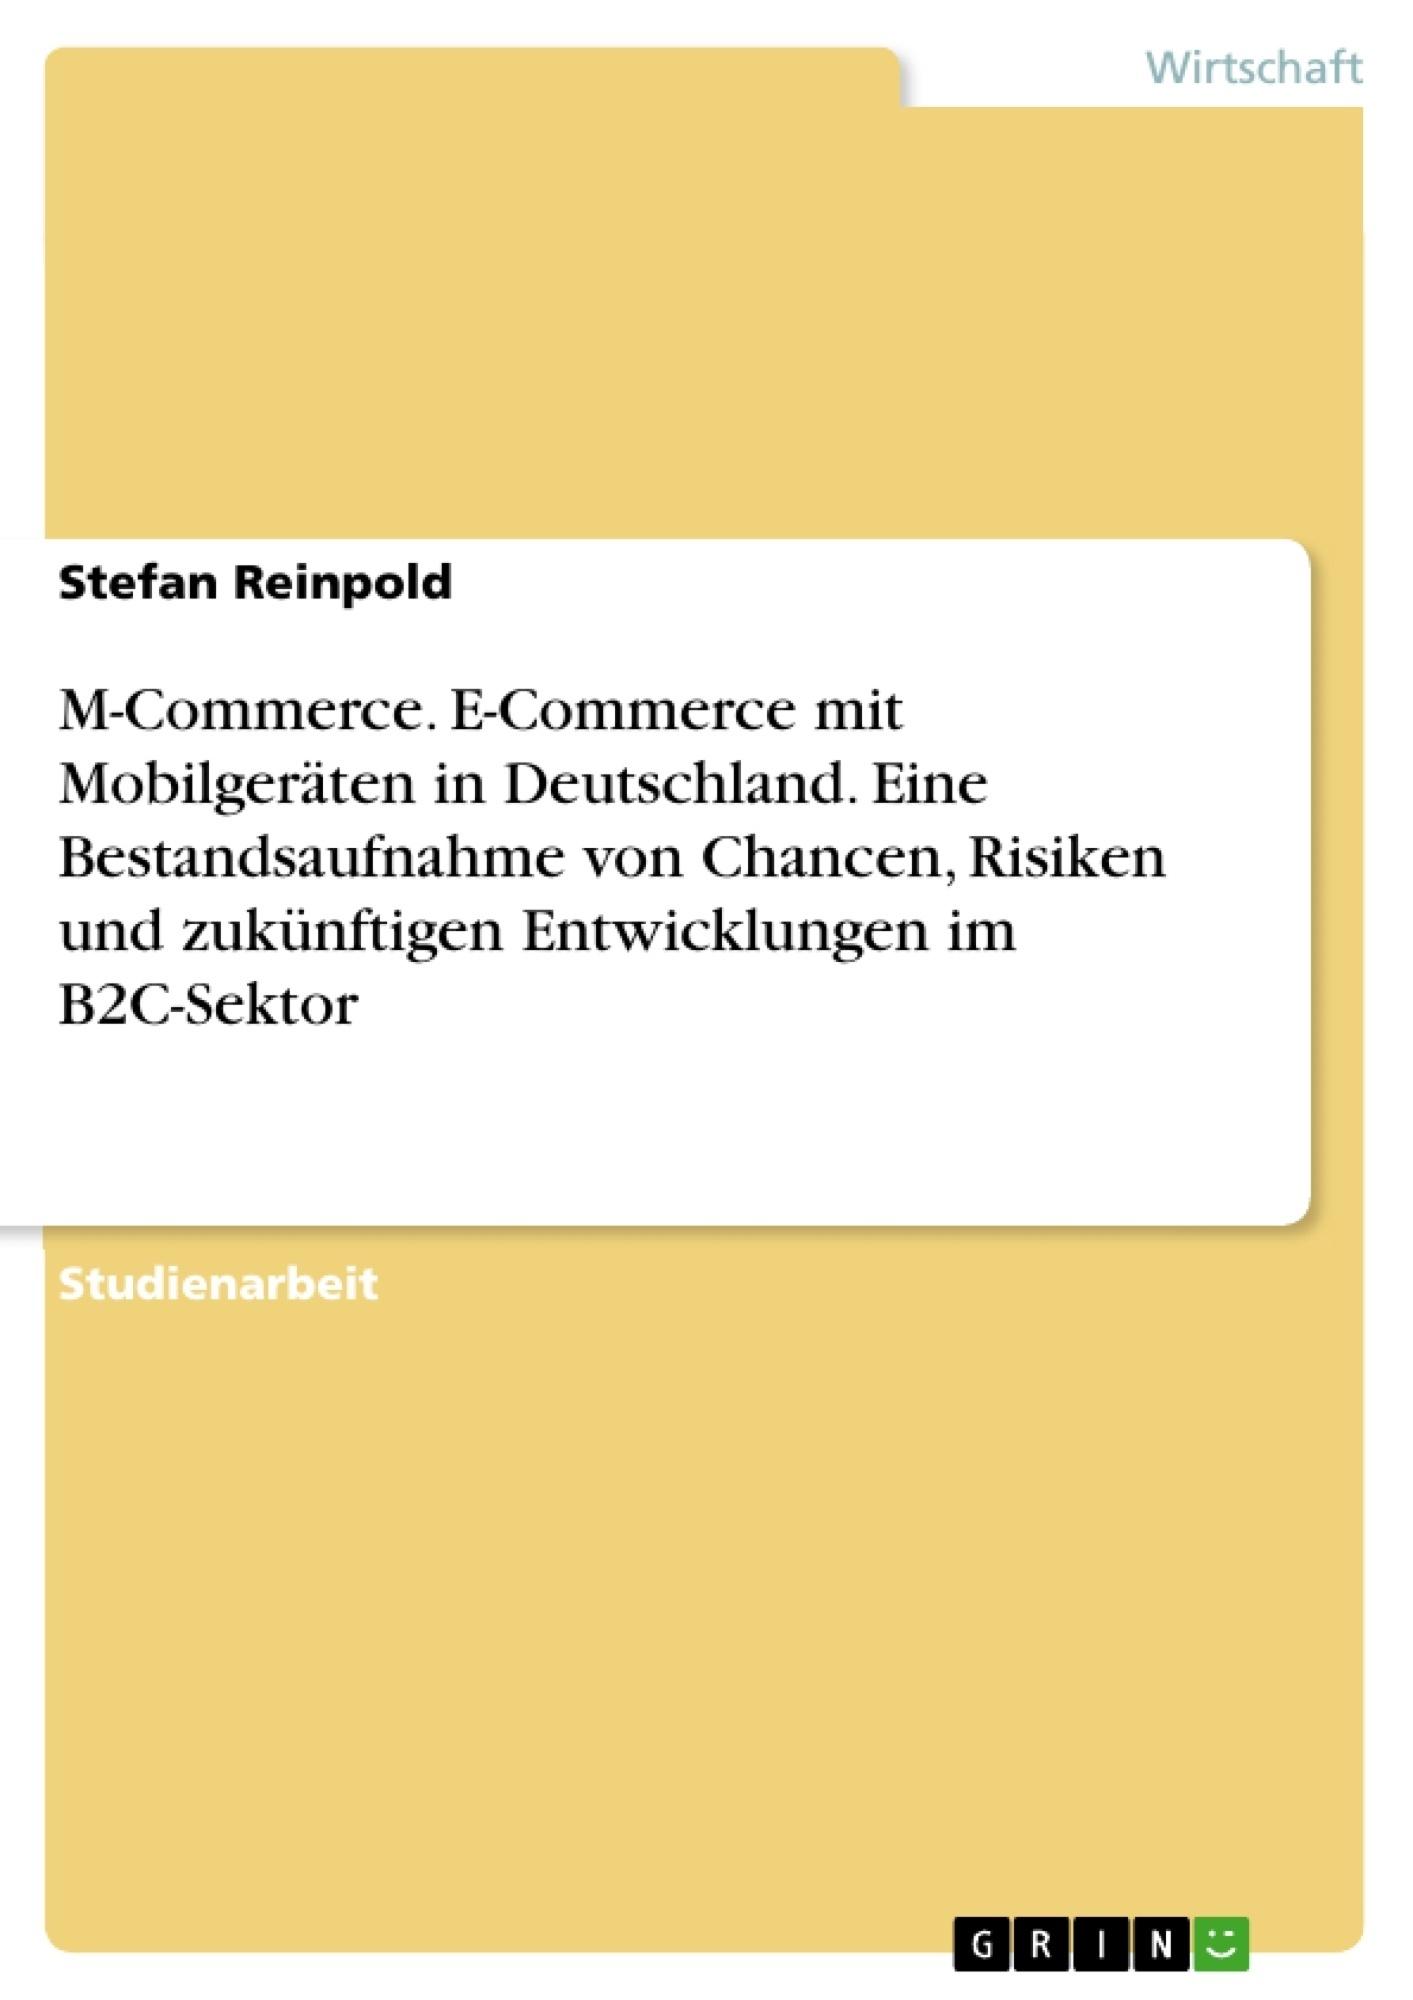 M-Commerce. E-Commerce mit Mobilgeräten in Deutschland. Eine Bestandsaufnahme von Chancen, Risiken und zukünftigen Entwicklungen im B2C-Sektor